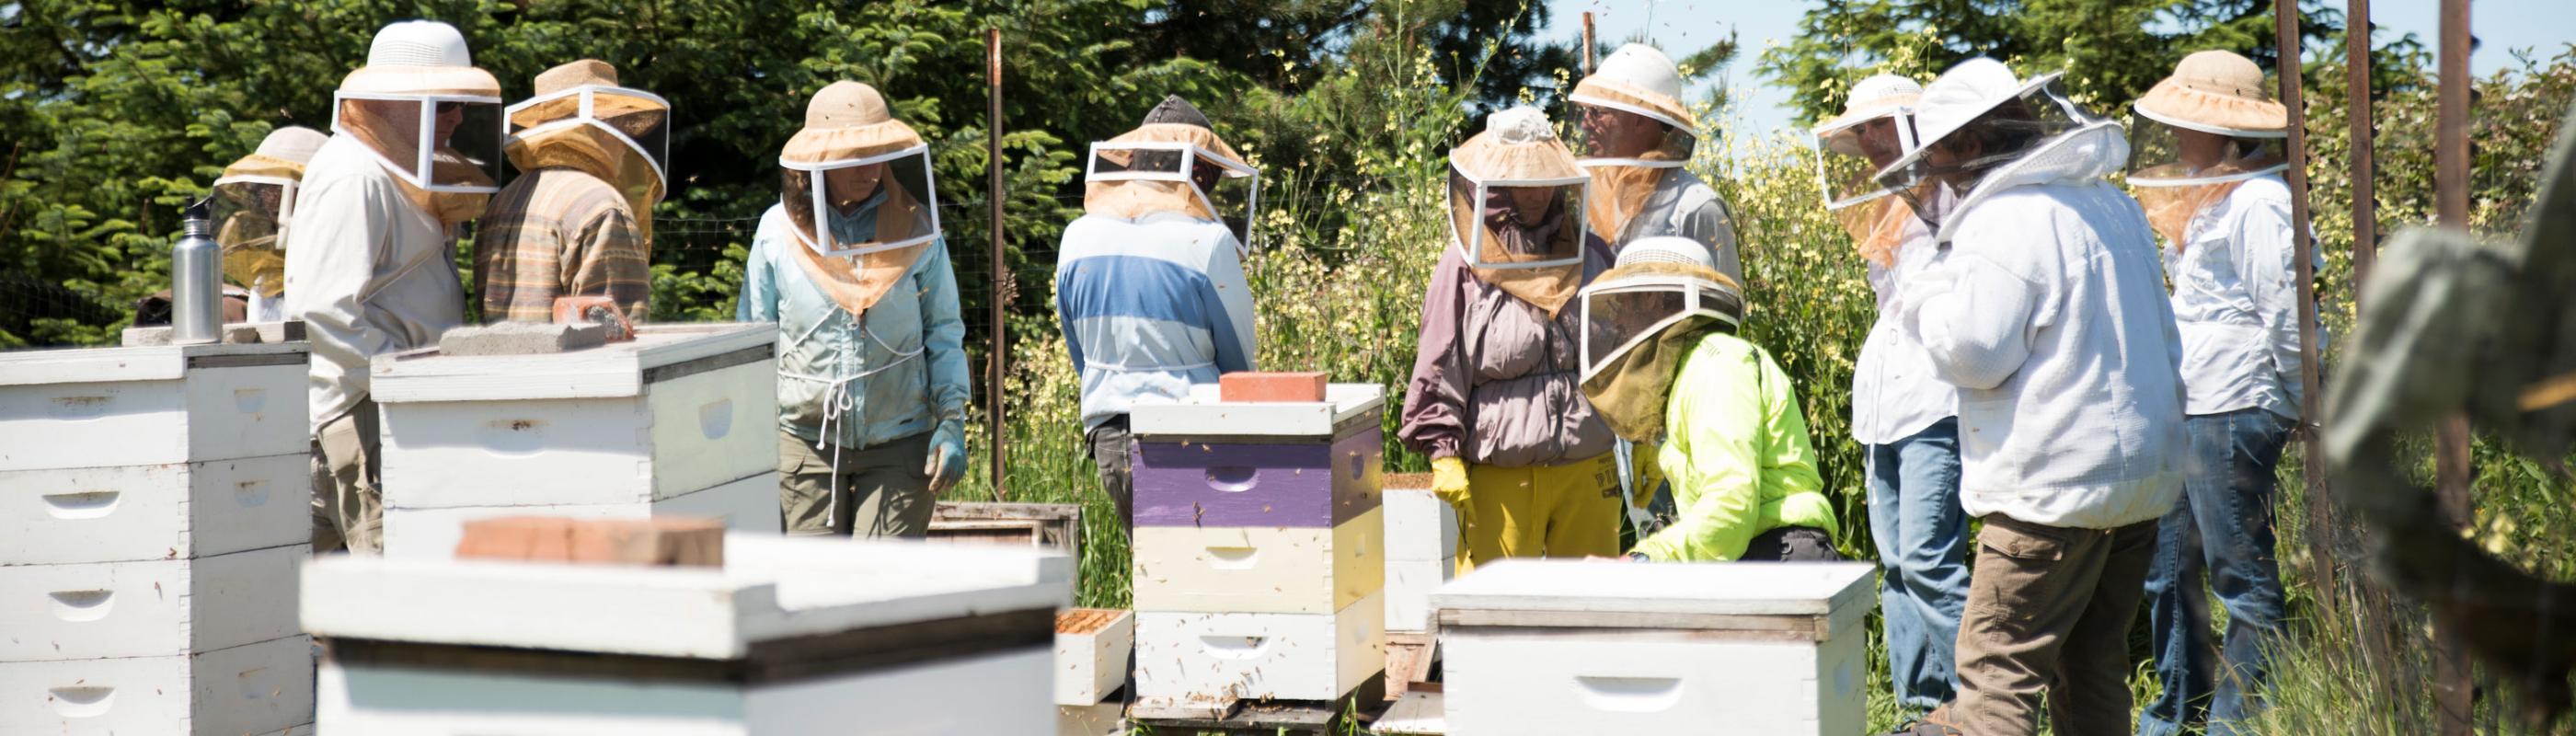 beekeepers in beeyard